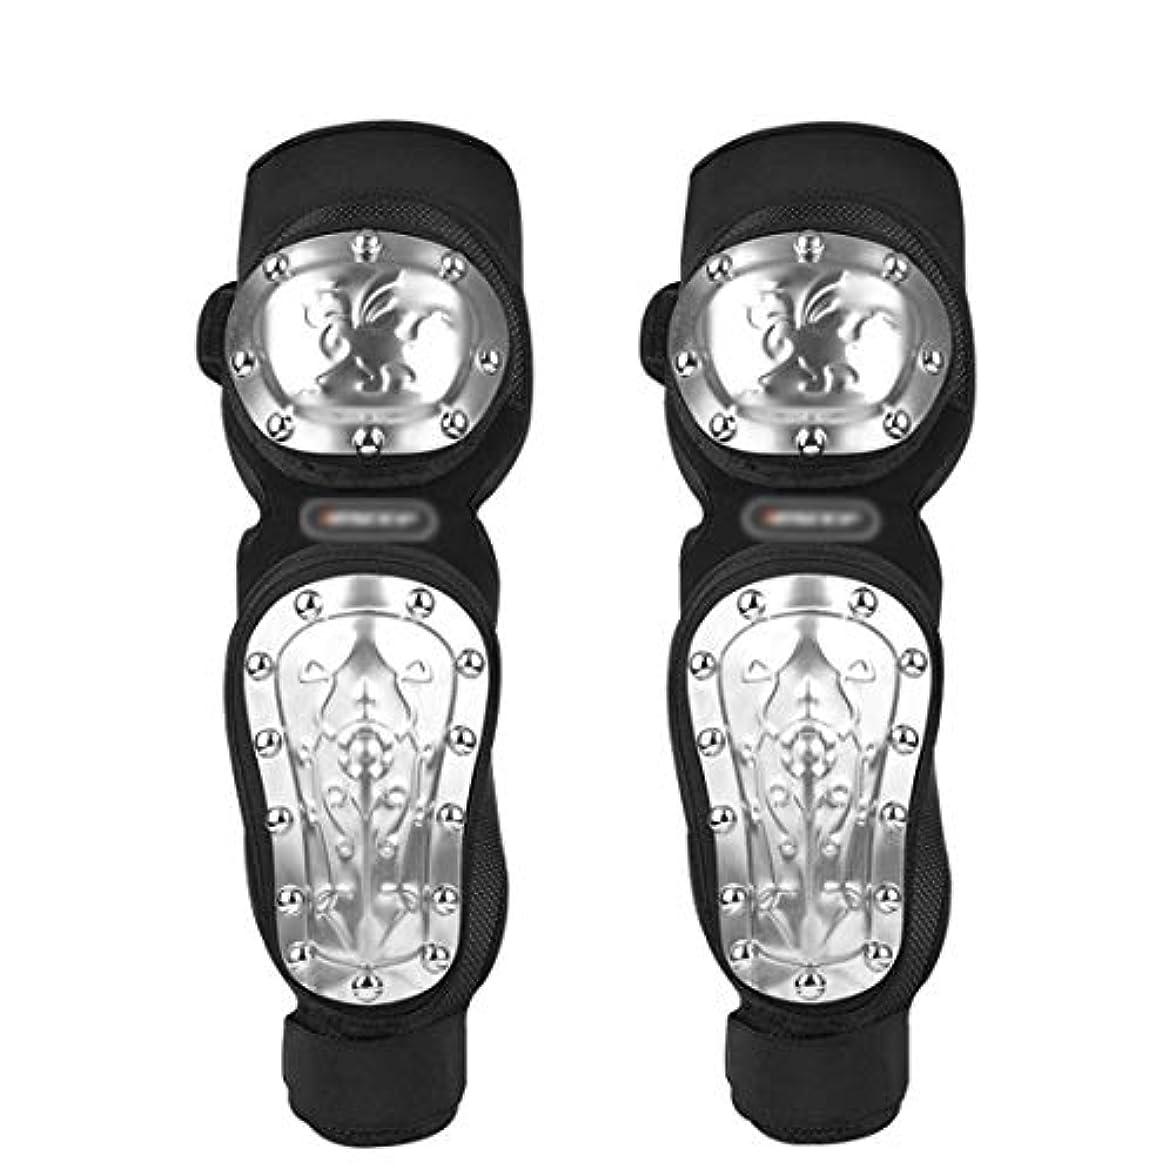 スリーブ追加救急車FELICIAAA オートバイ保護装置膝パッドスケートボードスケートサイクリング用エルボーステンレススチールサイクリングBMX自転車スクーター - 4本 (色 : 黒)